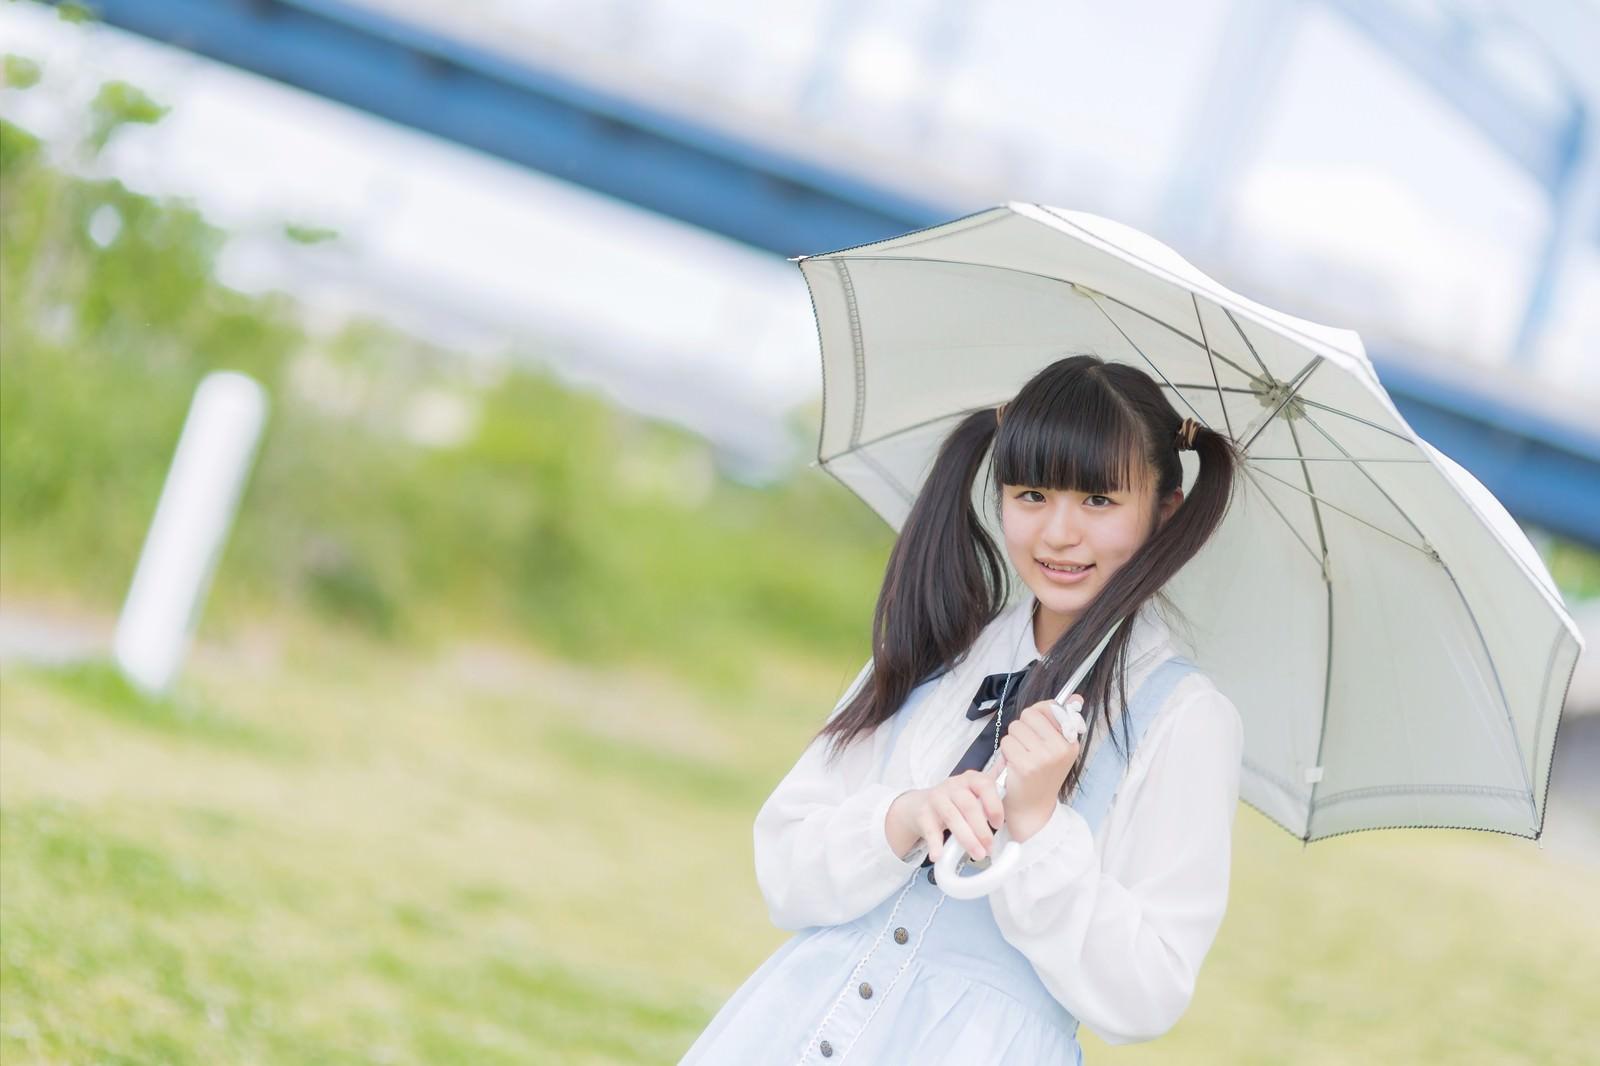 「日傘をさして笑顔で微笑むツインテールの女の子」の写真[モデル:こころ]